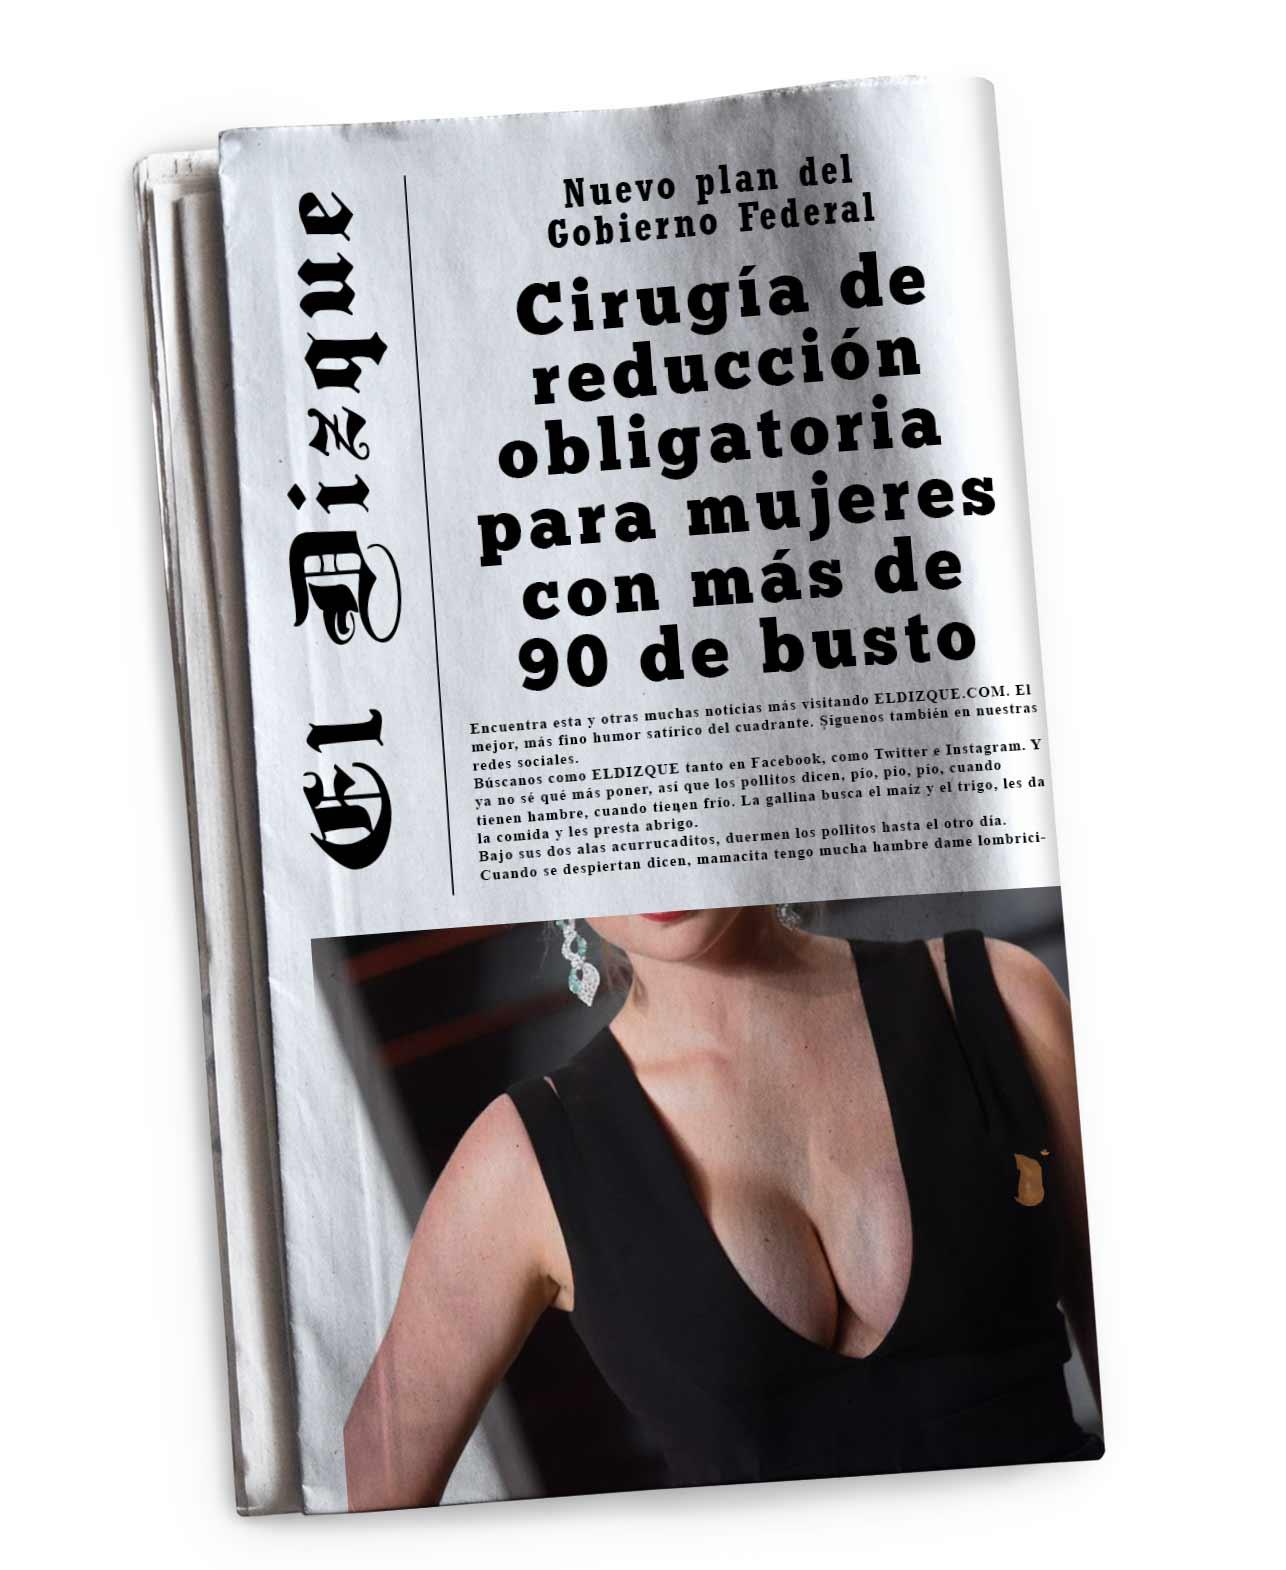 Cirugía de reducción obligatoria para mujeres con más de 90 de busto: Gobierno